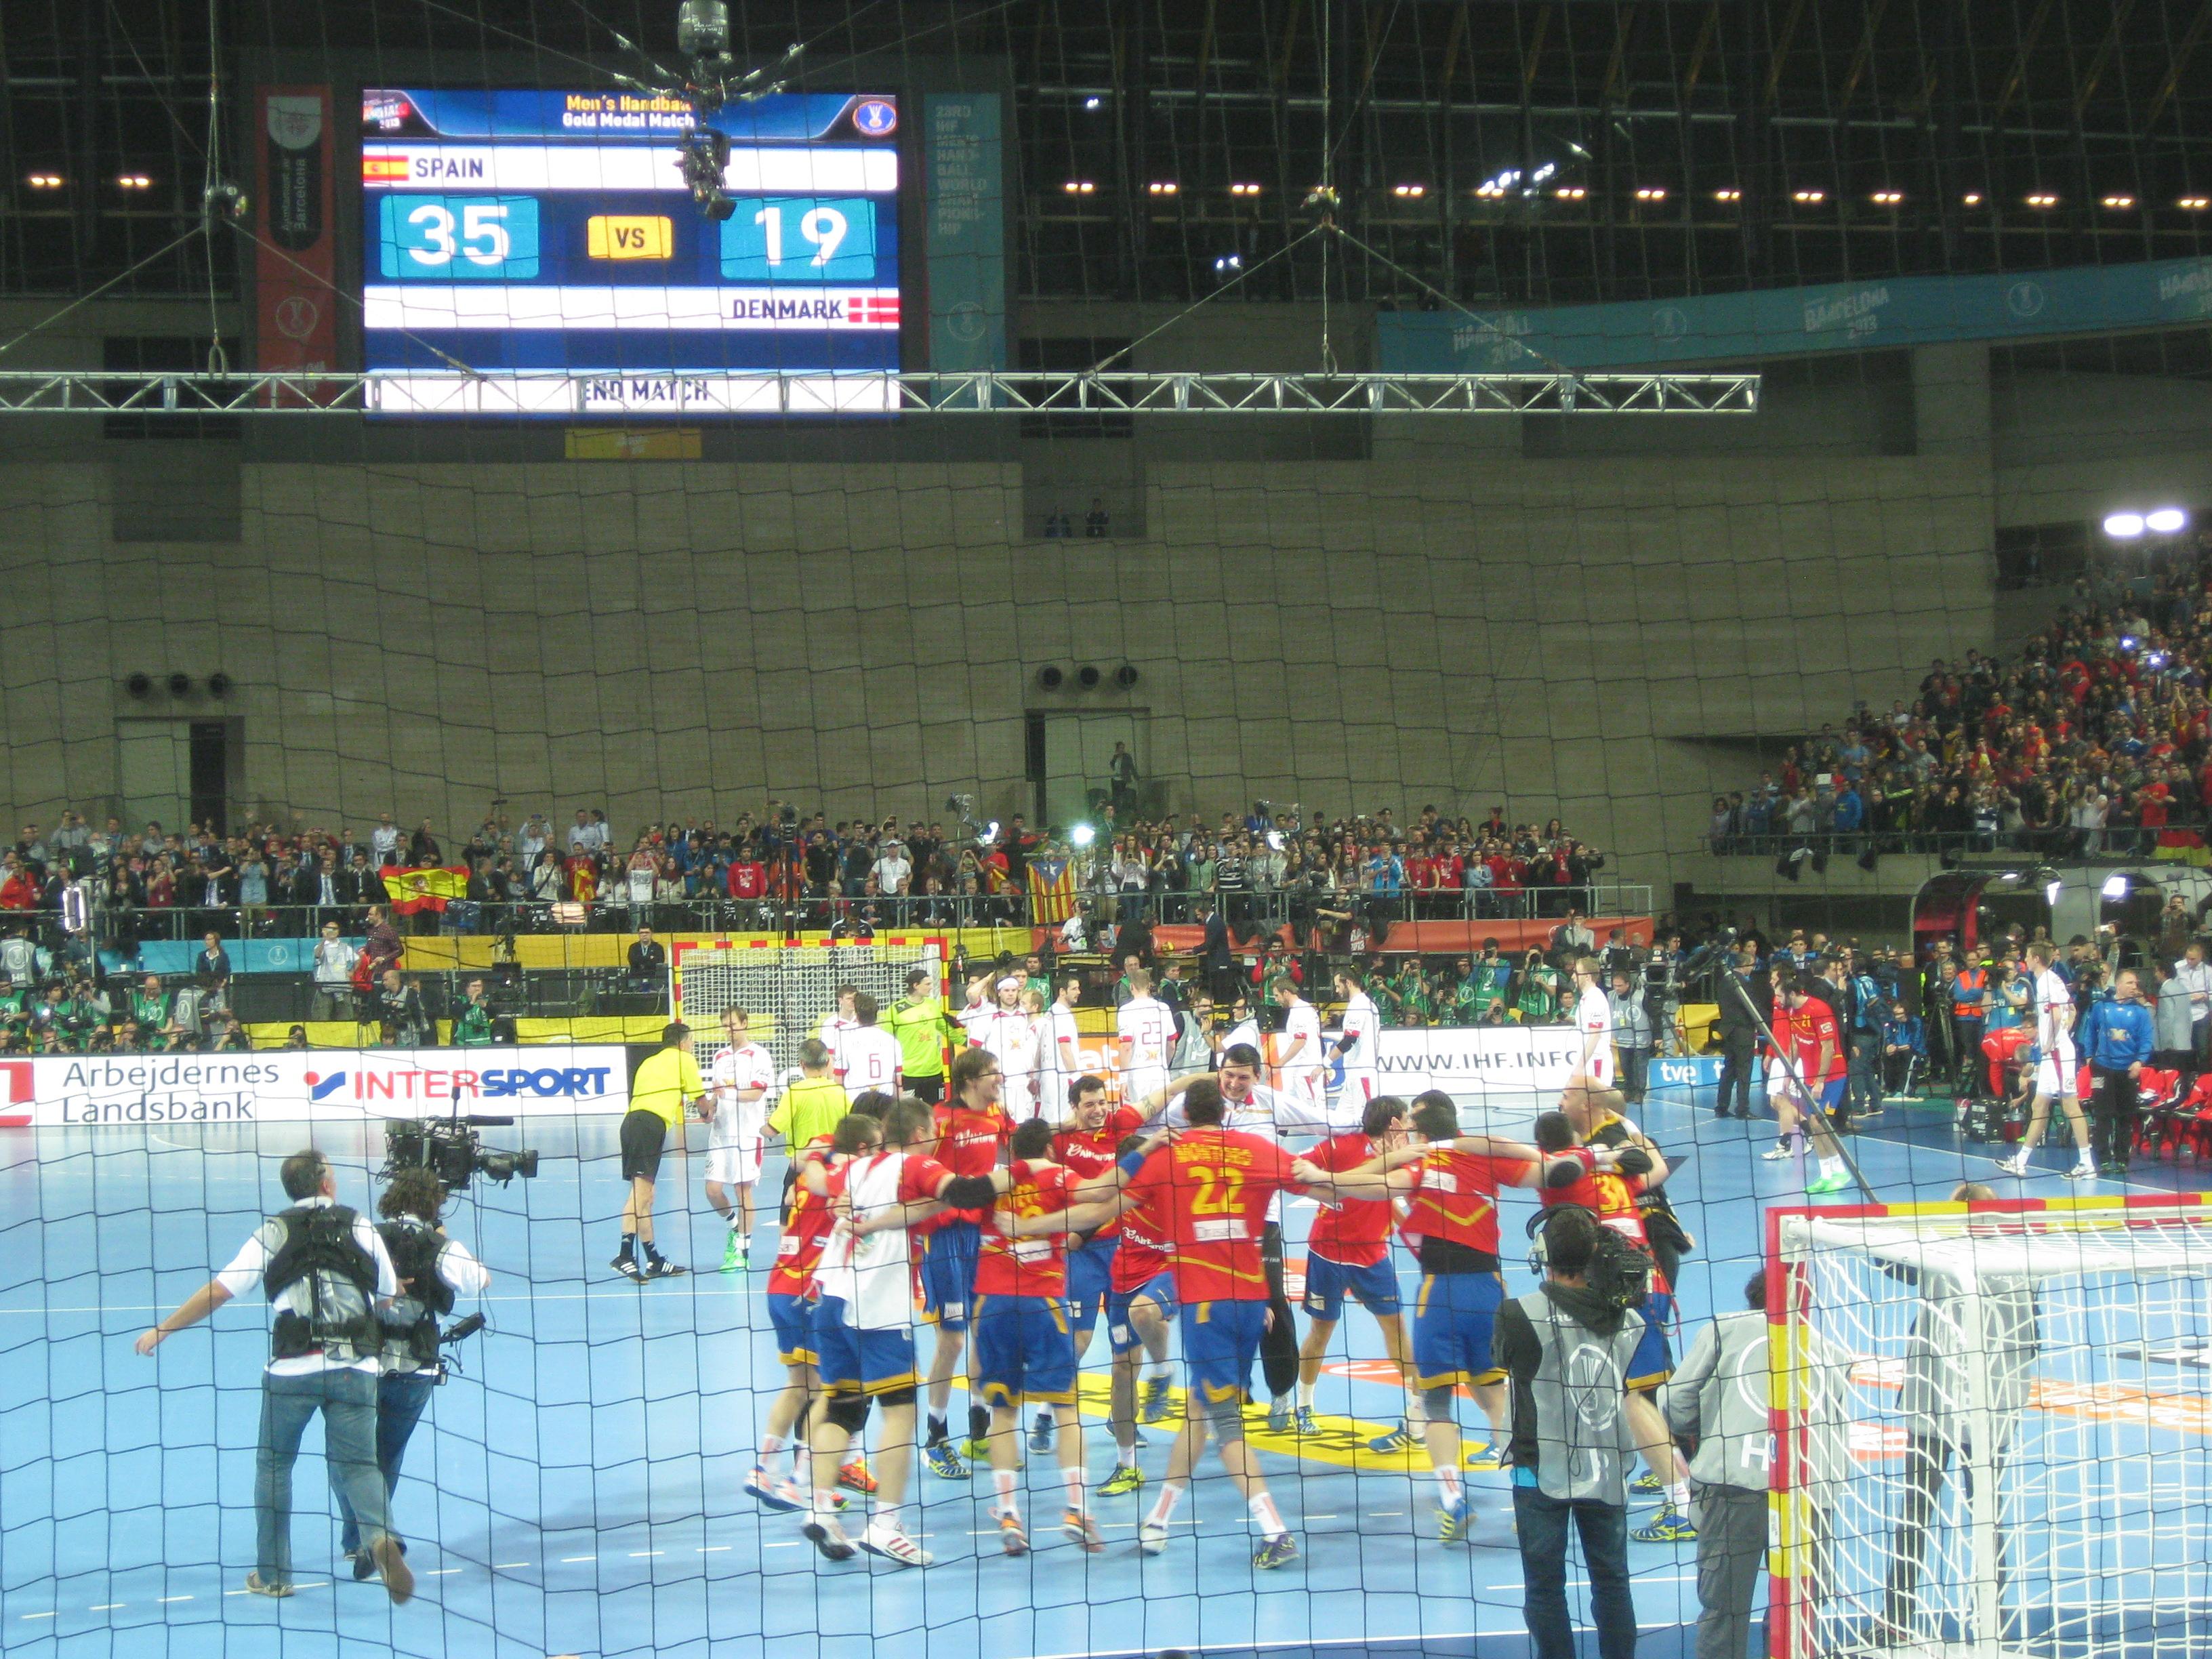 Tras ser campeona del mundo, la selección española de balonmano intentará reinar en Europa.